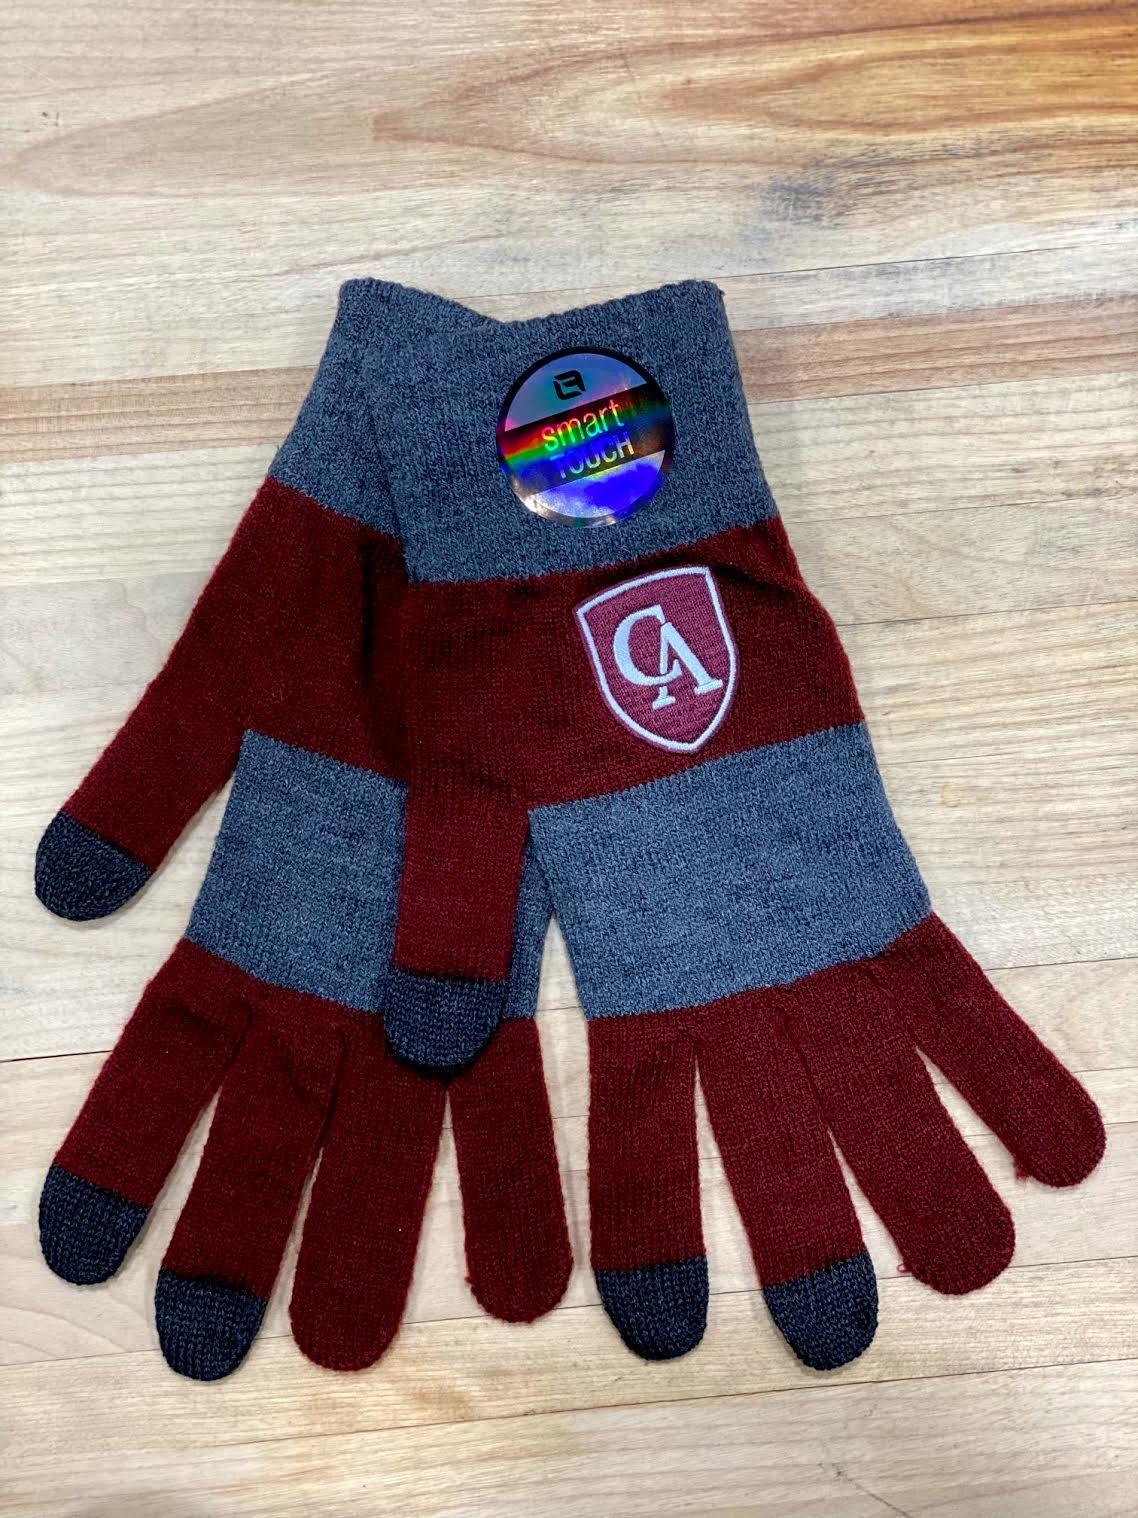 LogoFit Logofit Trixie Knit Striped Texting Glove